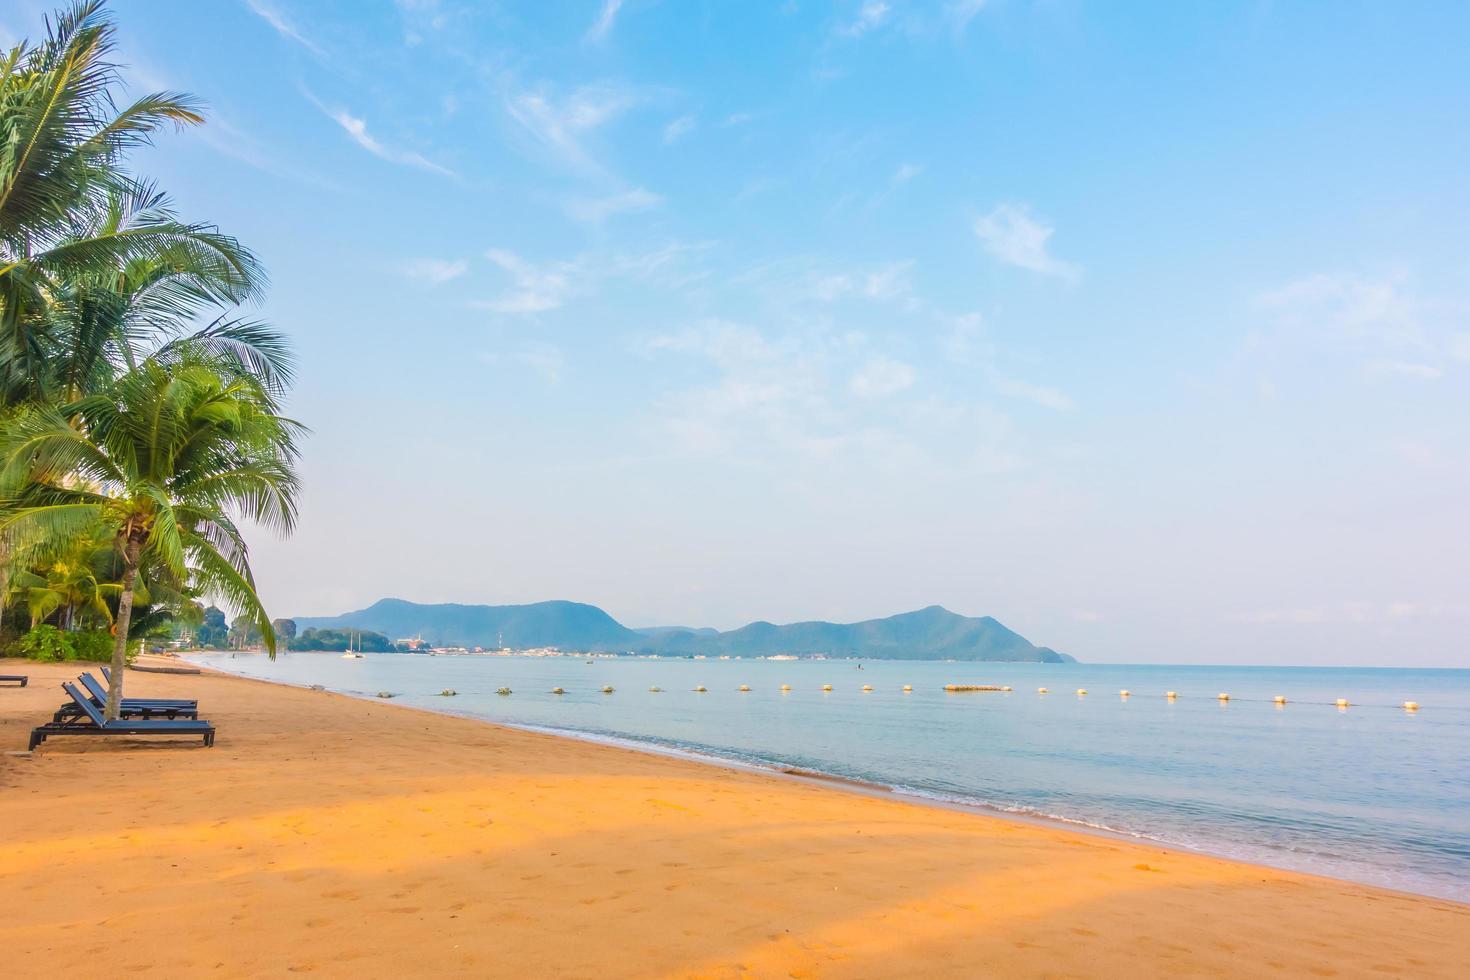 vacker strand och hav med palmträd foto